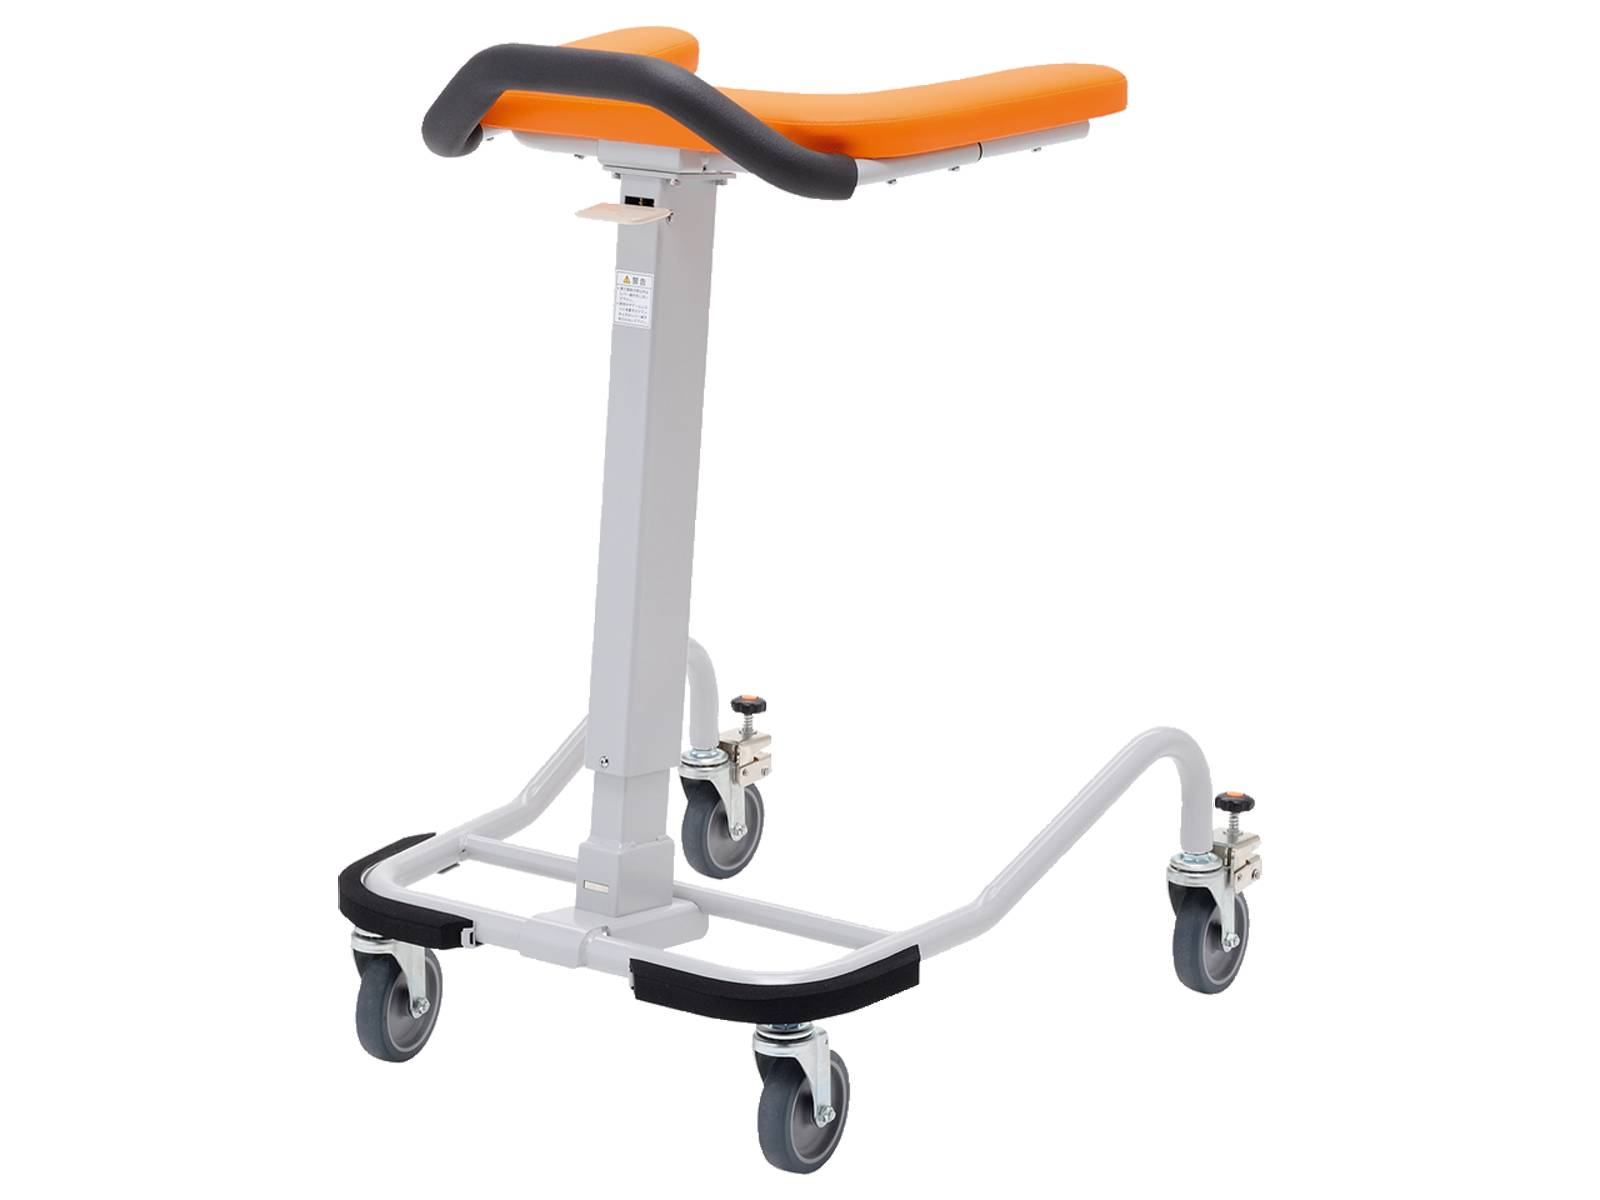 アルコーSK型 100536(組立式)【星光医療器製作所】送料無料 介護用品 歩行車 歩行補助車 歩行器